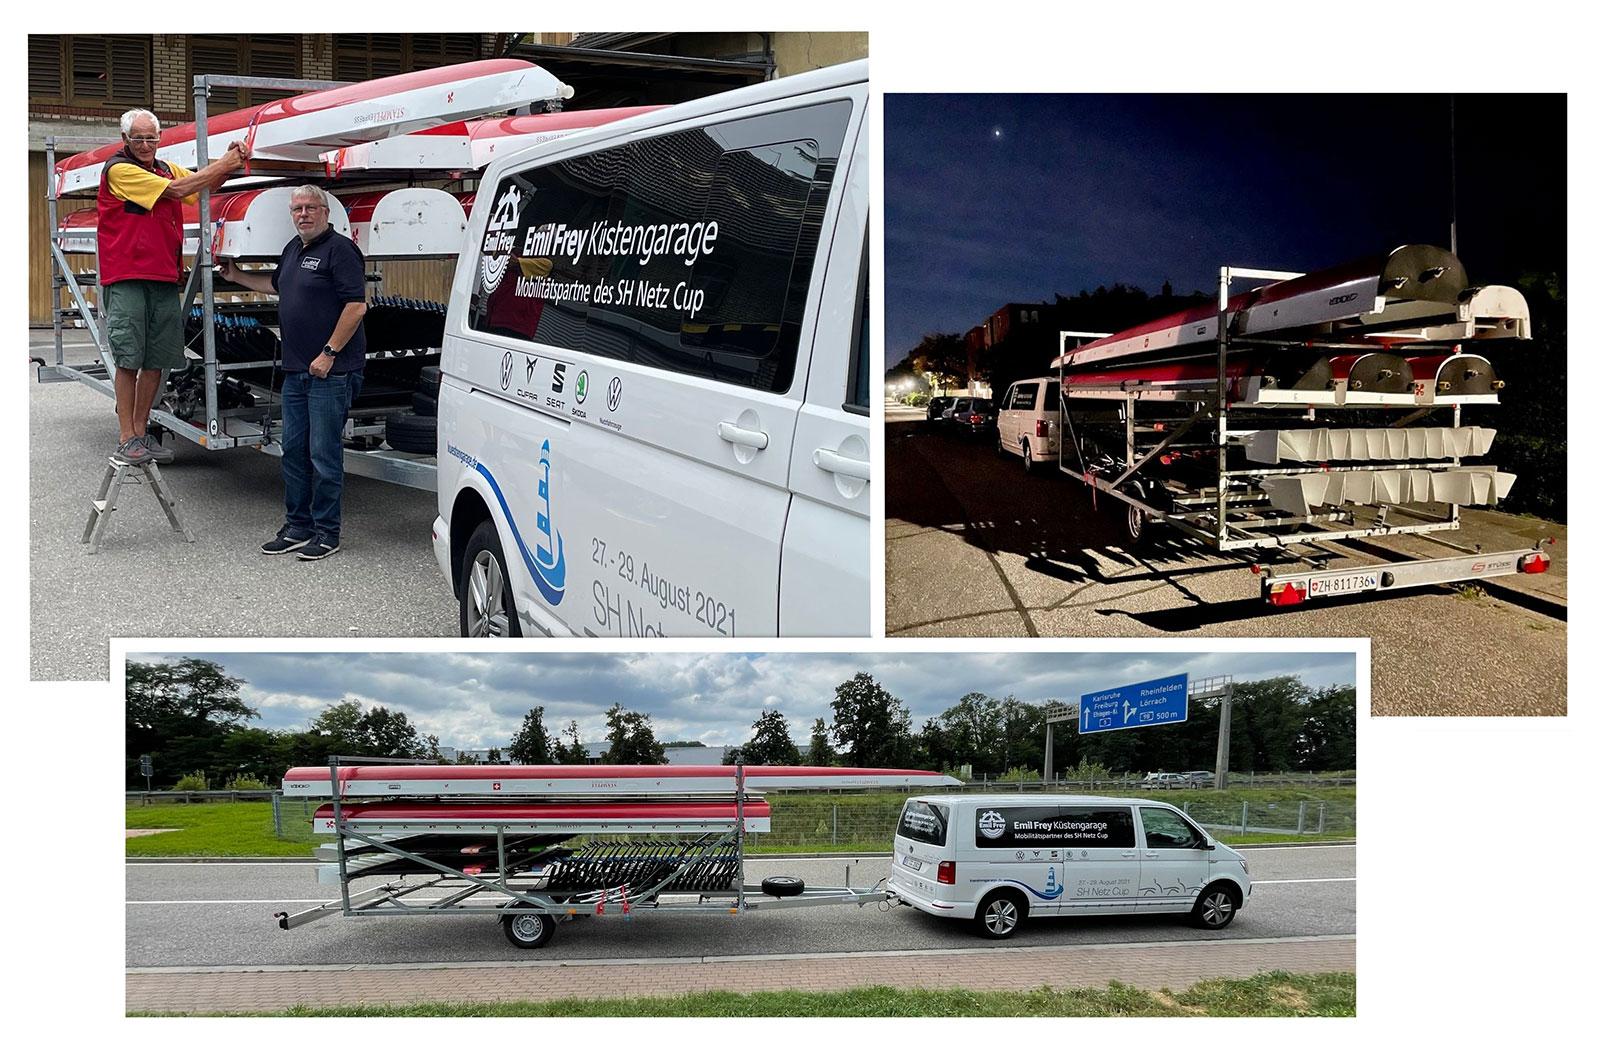 Das längste Ruderboot der Welt ist in Rendsburg angekommen